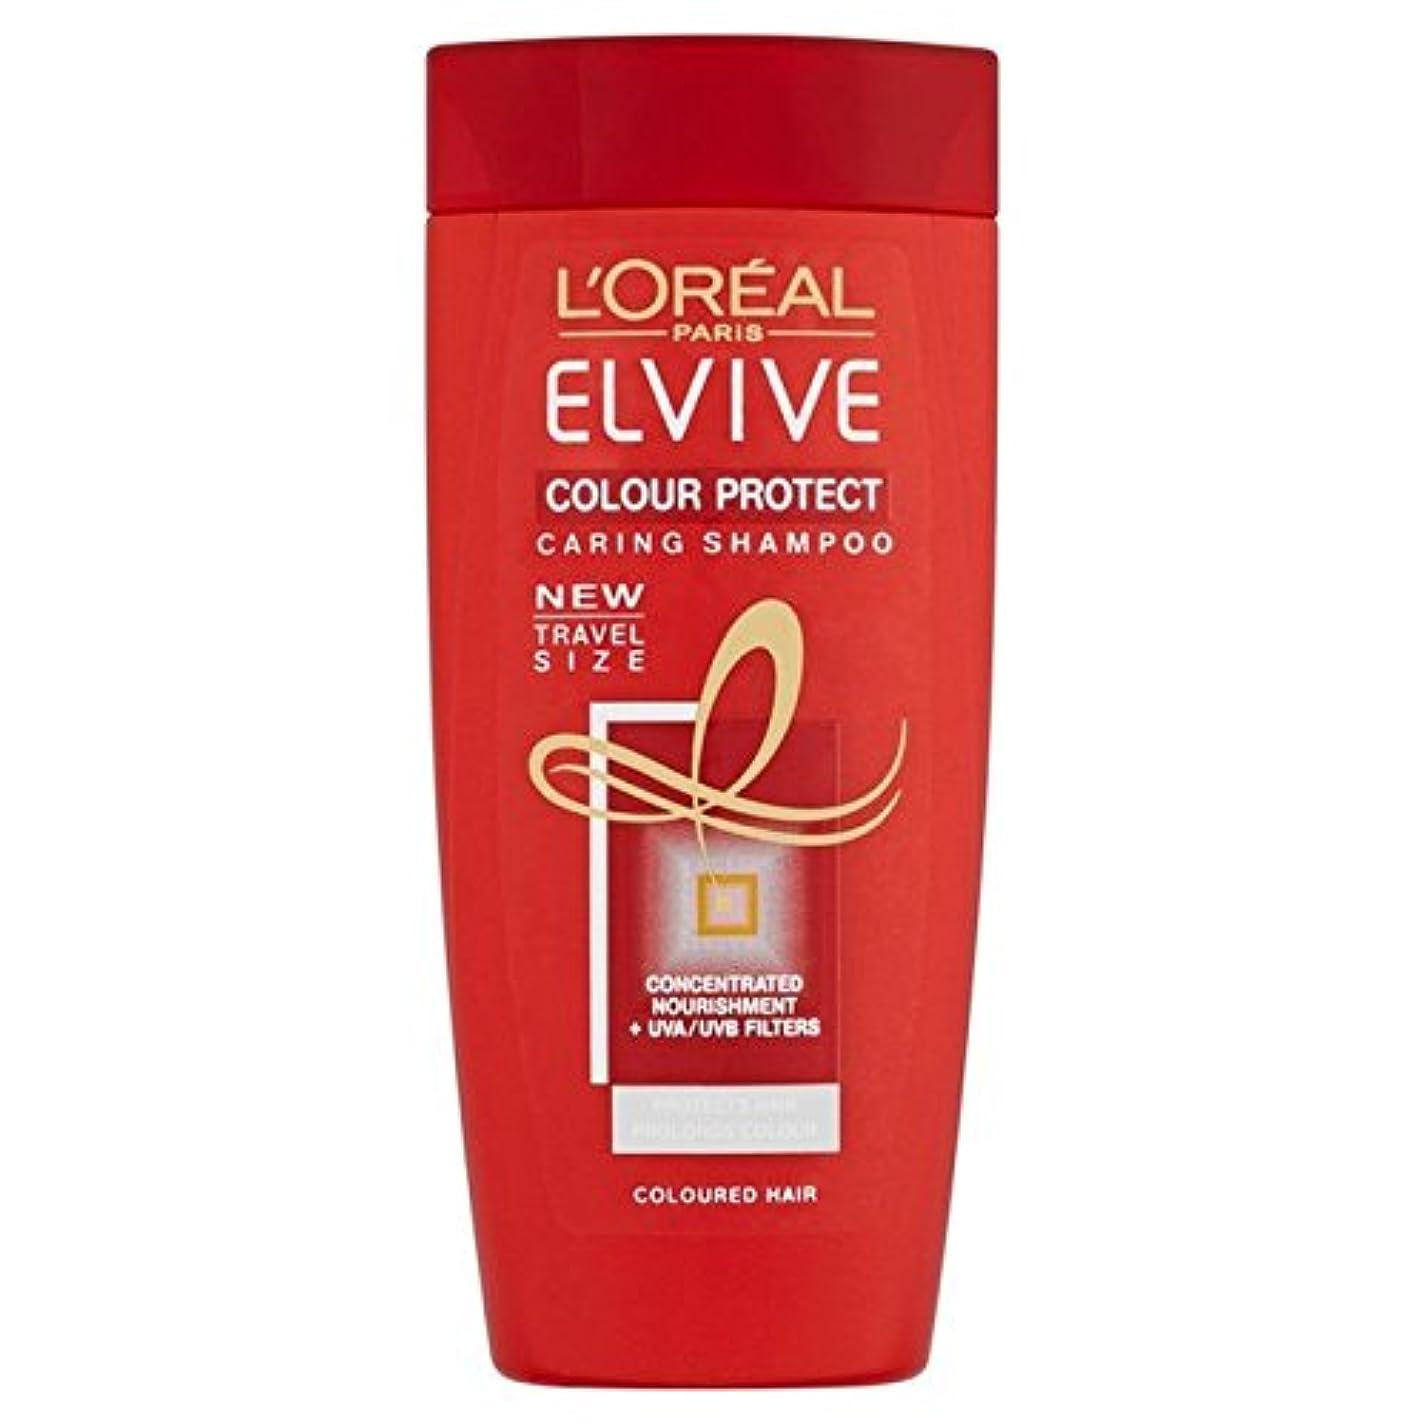 バックアップ影響力のある静かなロレアル色は、旅行シャンプー50ミリリットルを保護します x2 - L'Oreal Elvive Colour Protect Travel Shampoo 50ml (Pack of 2) [並行輸入品]